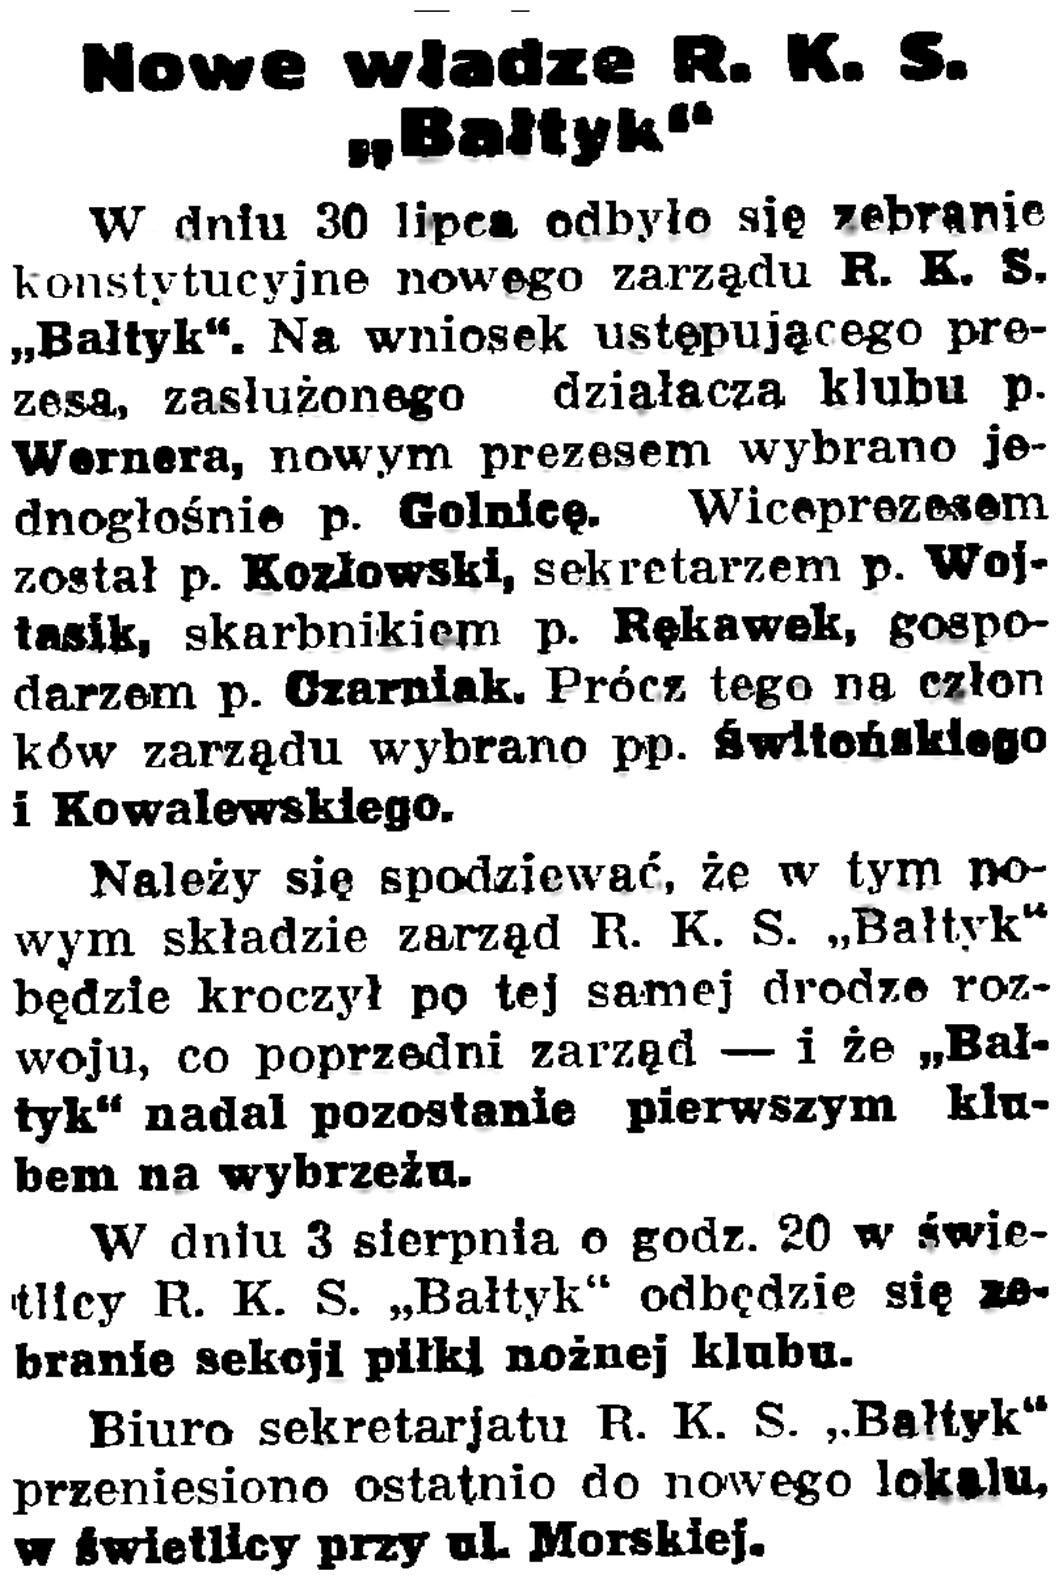 """Nowe władze R. K. S. """"Bałtyk"""" // Gazeta Gdańska. - 1936, nr 175, s. 5"""